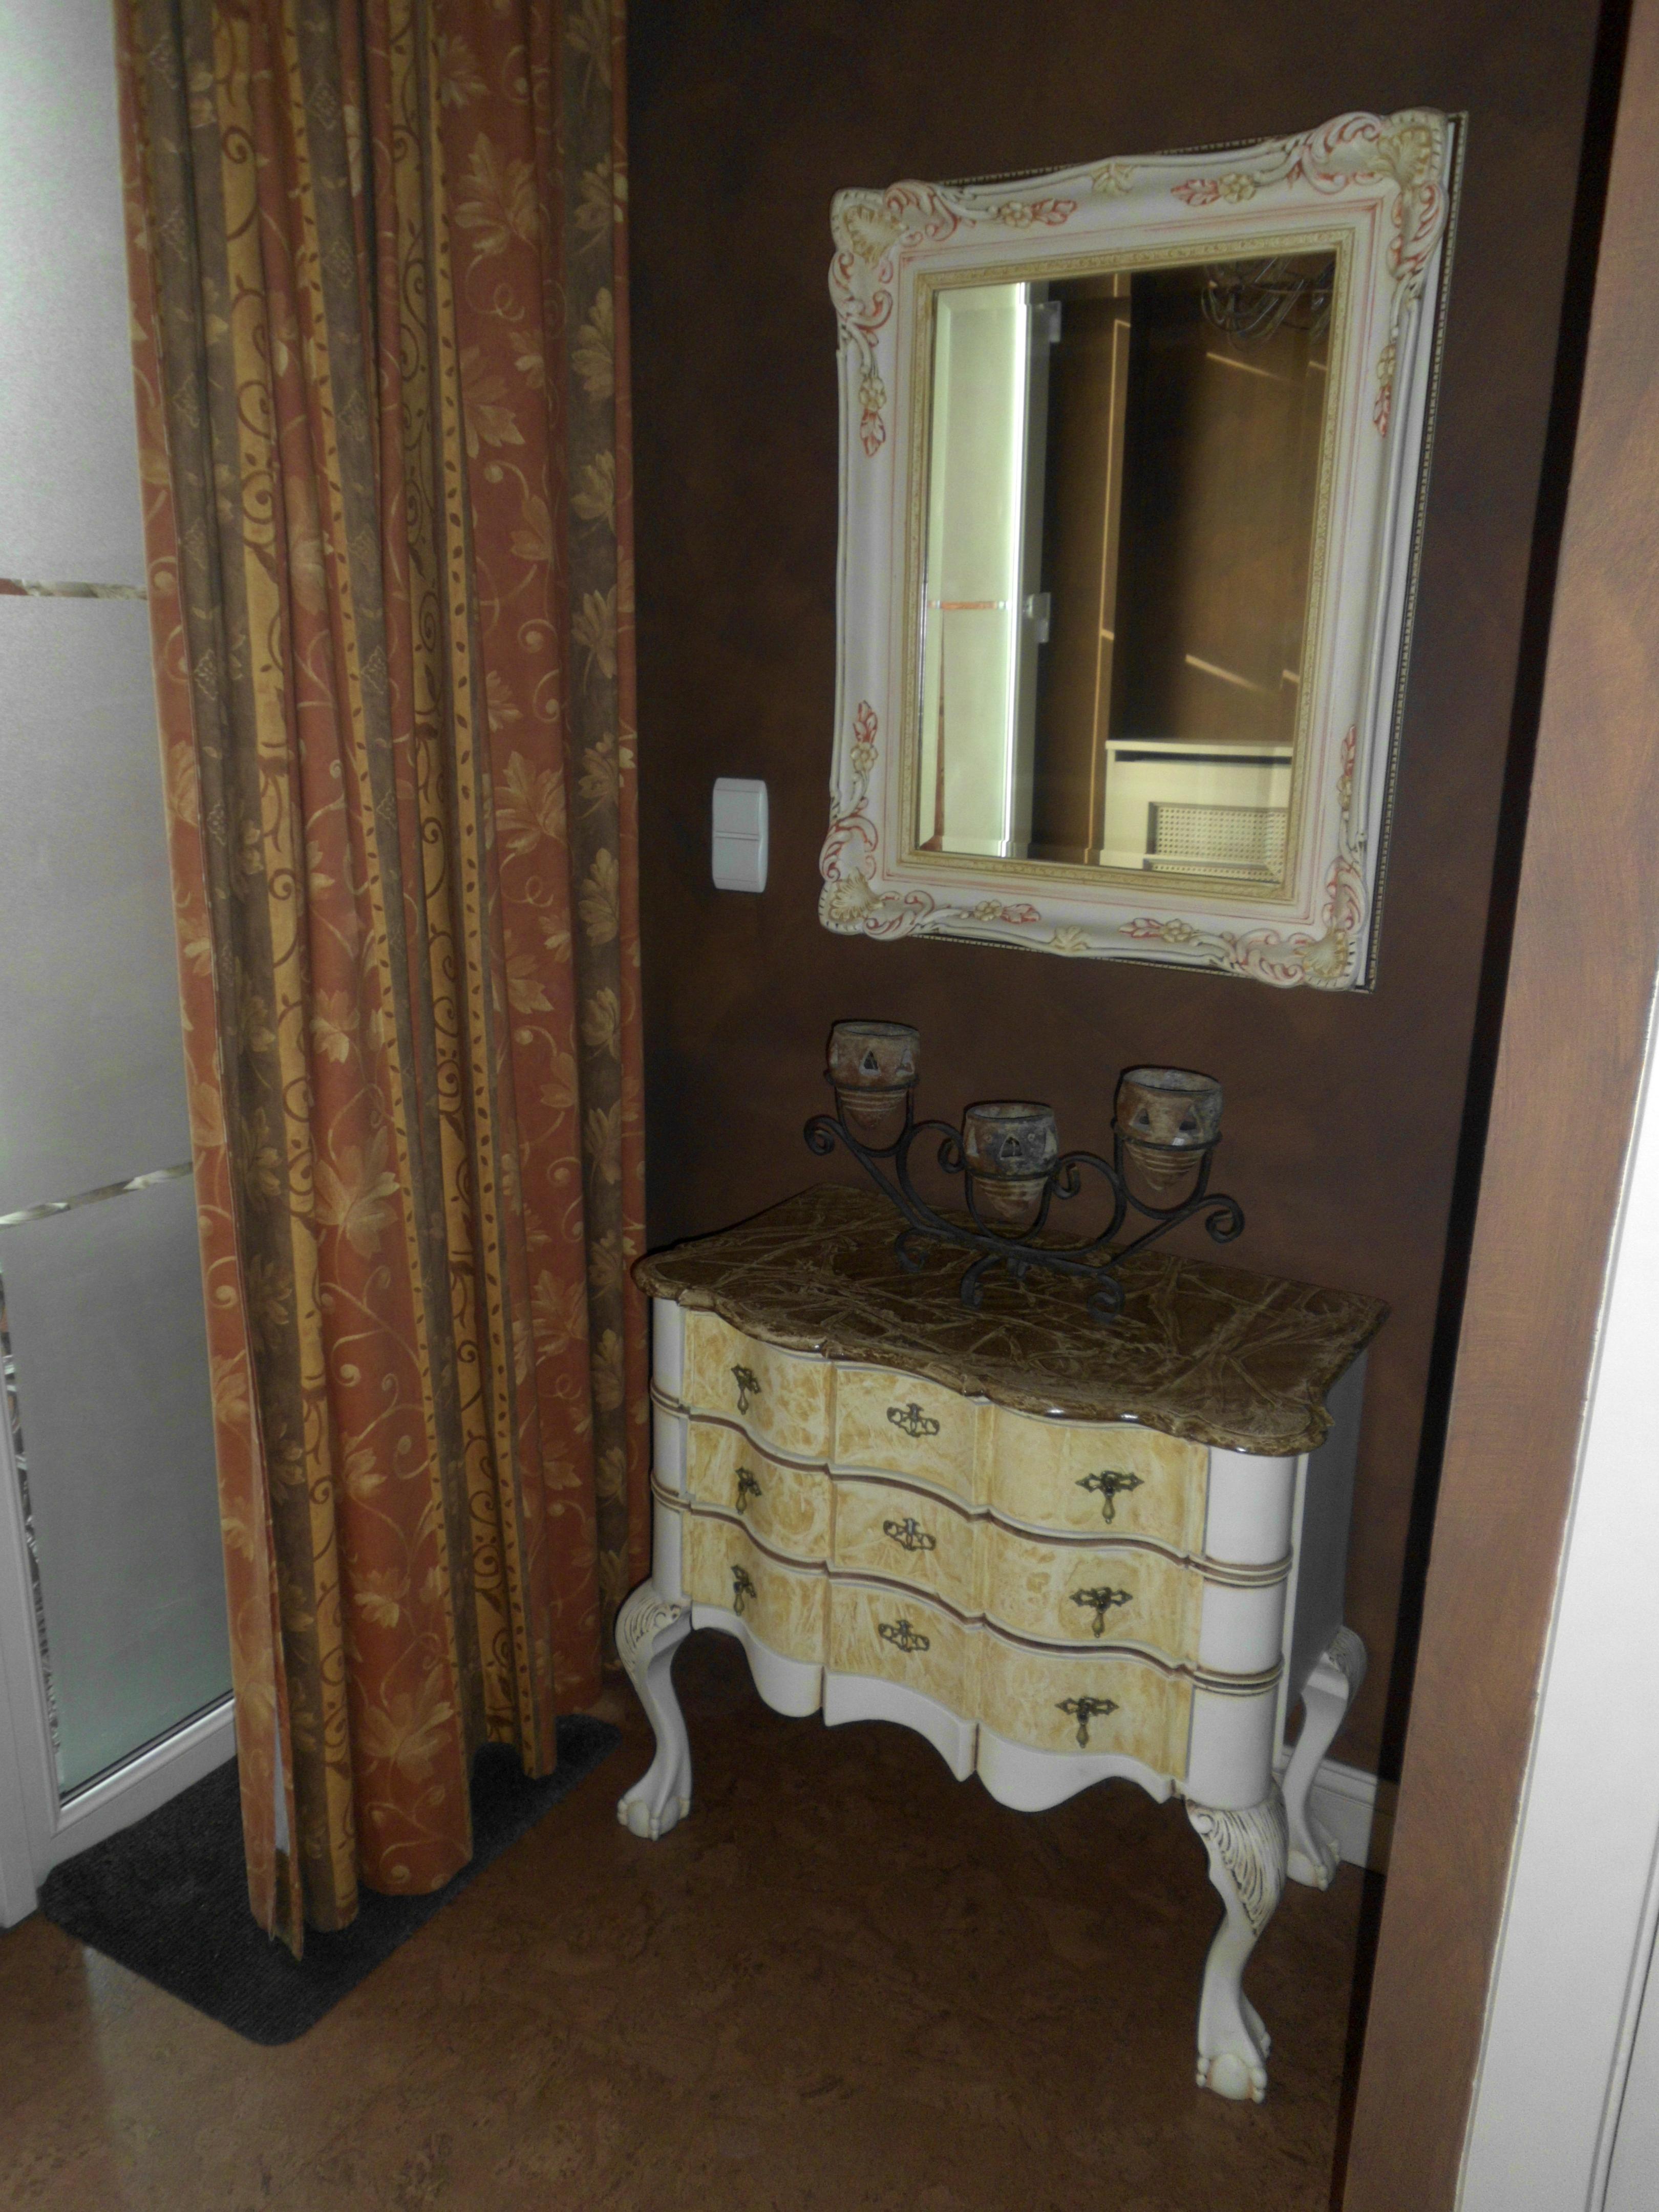 Volledige inkomhal - Deco hal originele badkamer ...